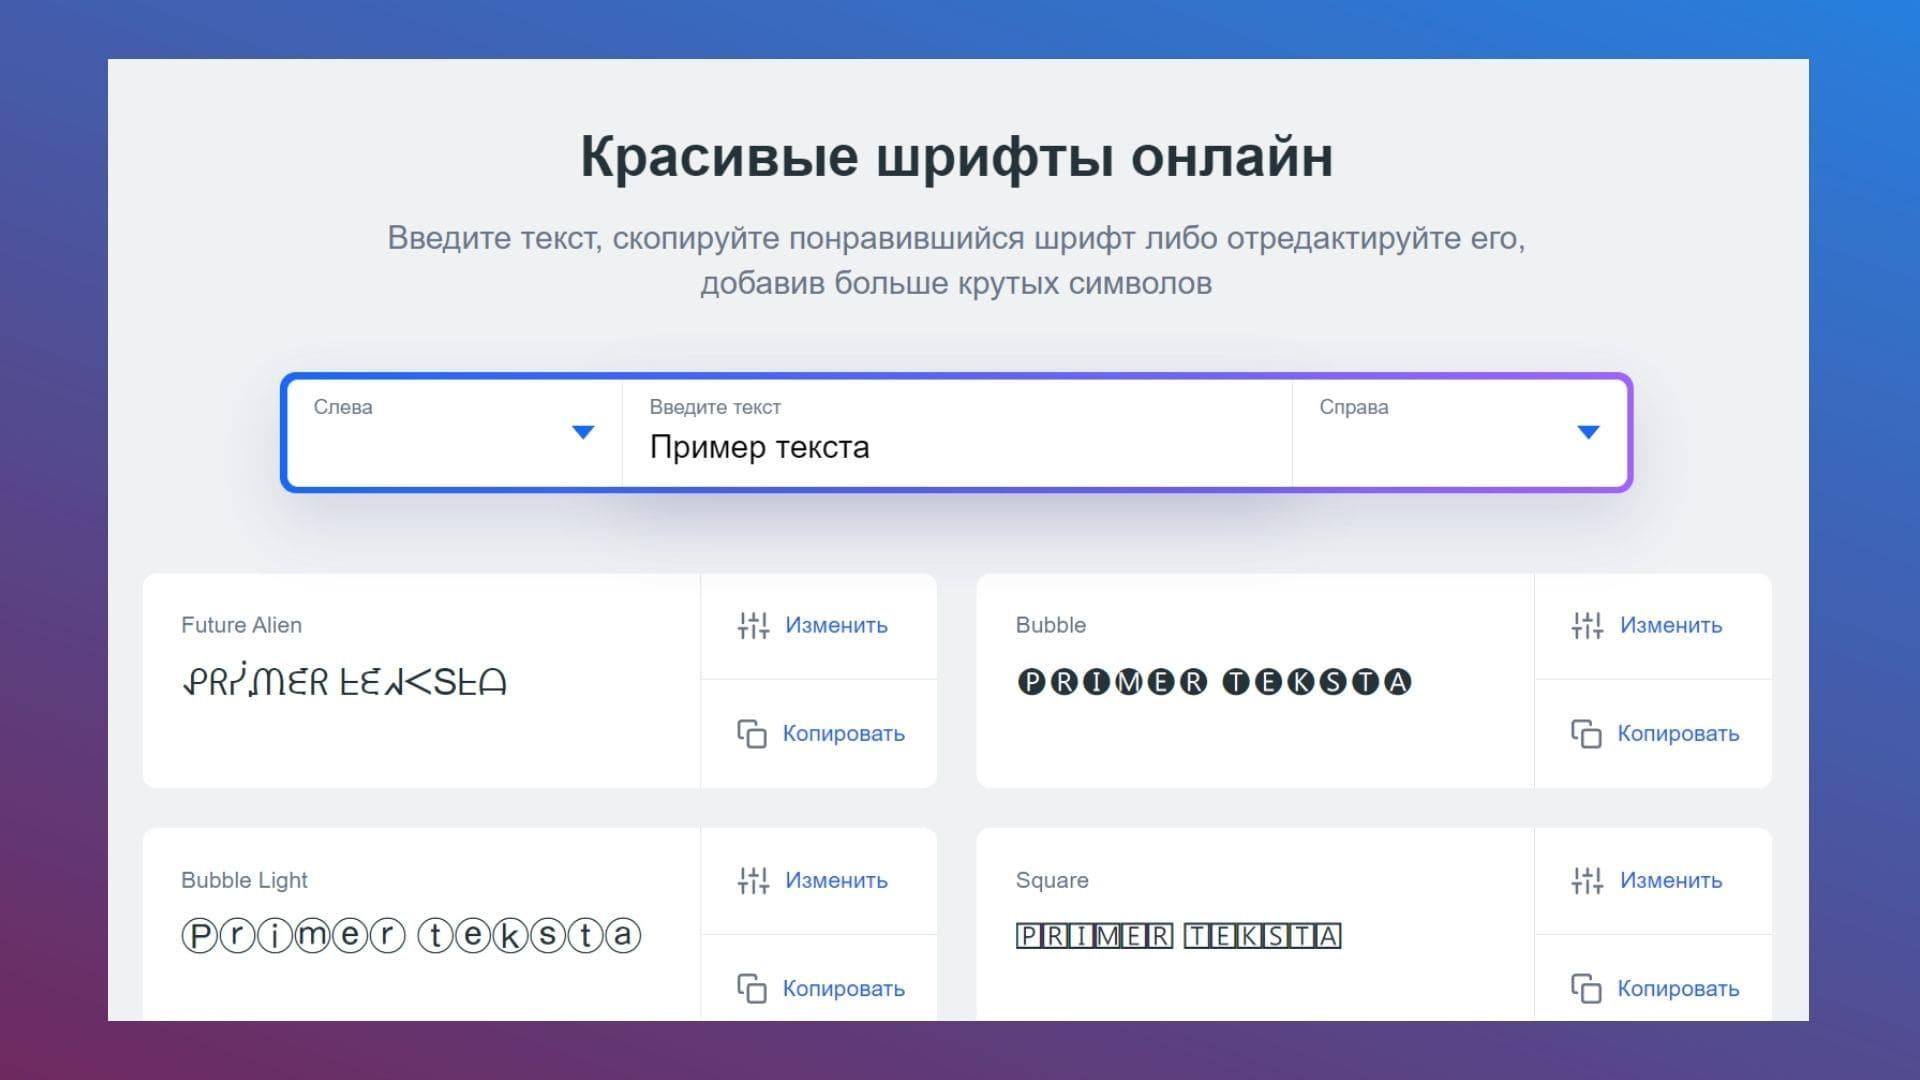 Сайт предлагает гибко настроить будущую надпись – подойдет для шапки профиля